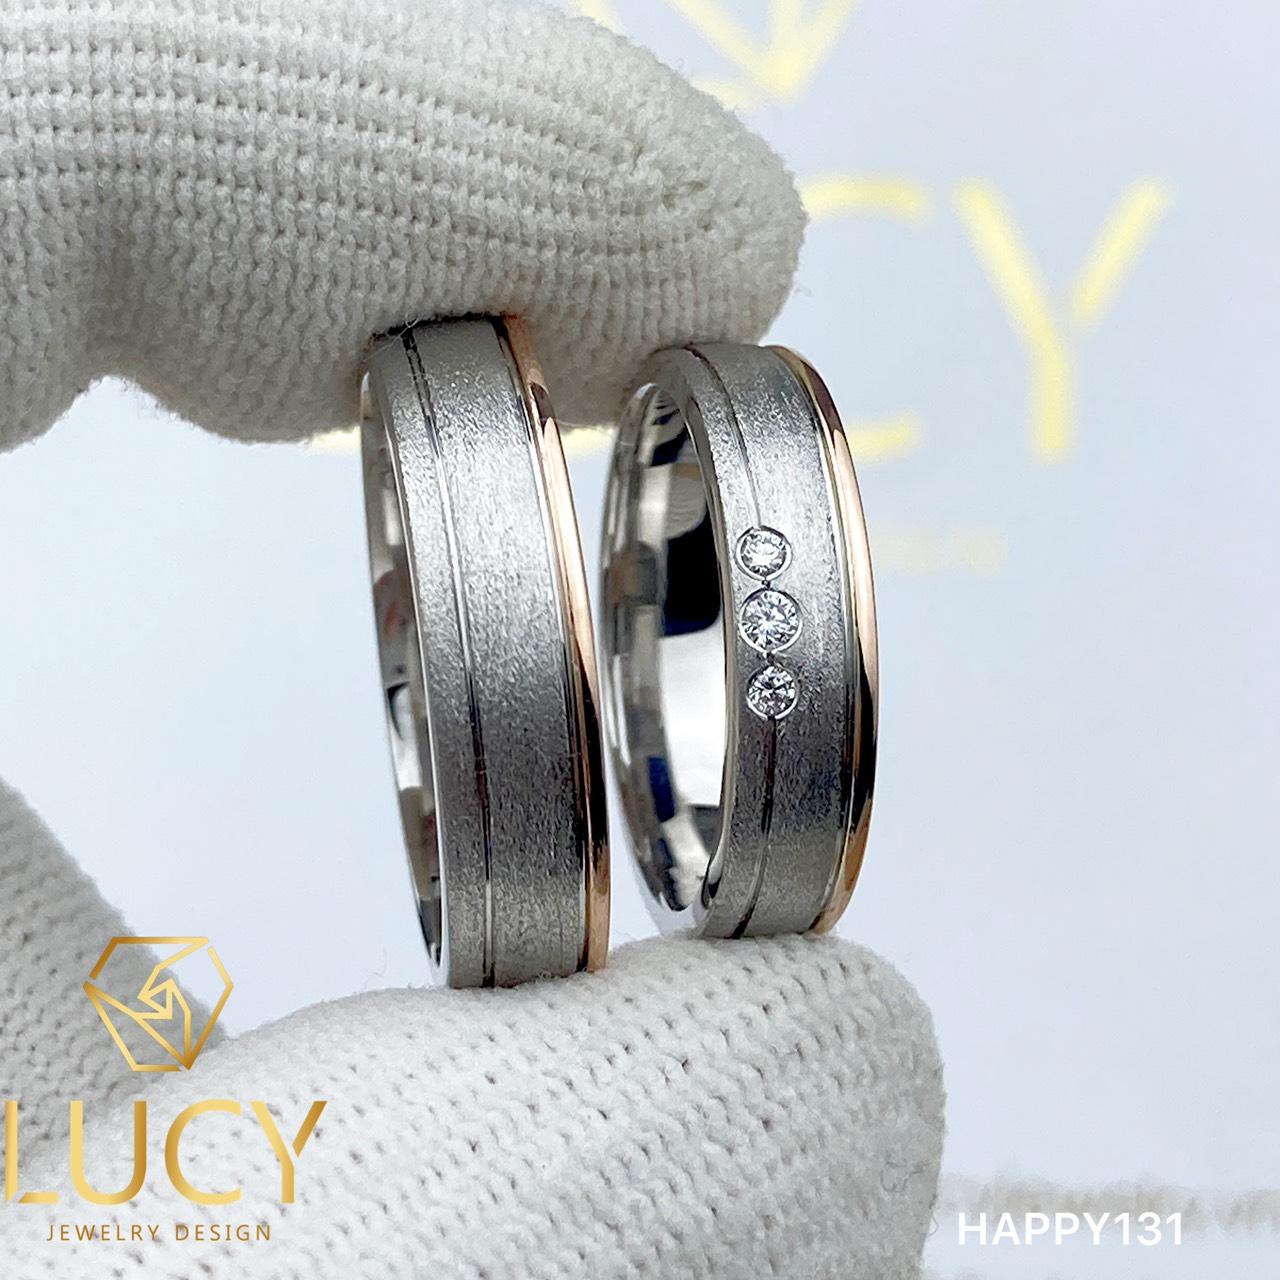 HAPPY131 Nhẫn cưới đẹp vàng tây, vàng trắng, vàng hồng 10k 14k 18k, Bạch Kim Platinum PT900 đính CZ, Moissanite, Kim cương - Lucy Jewelry